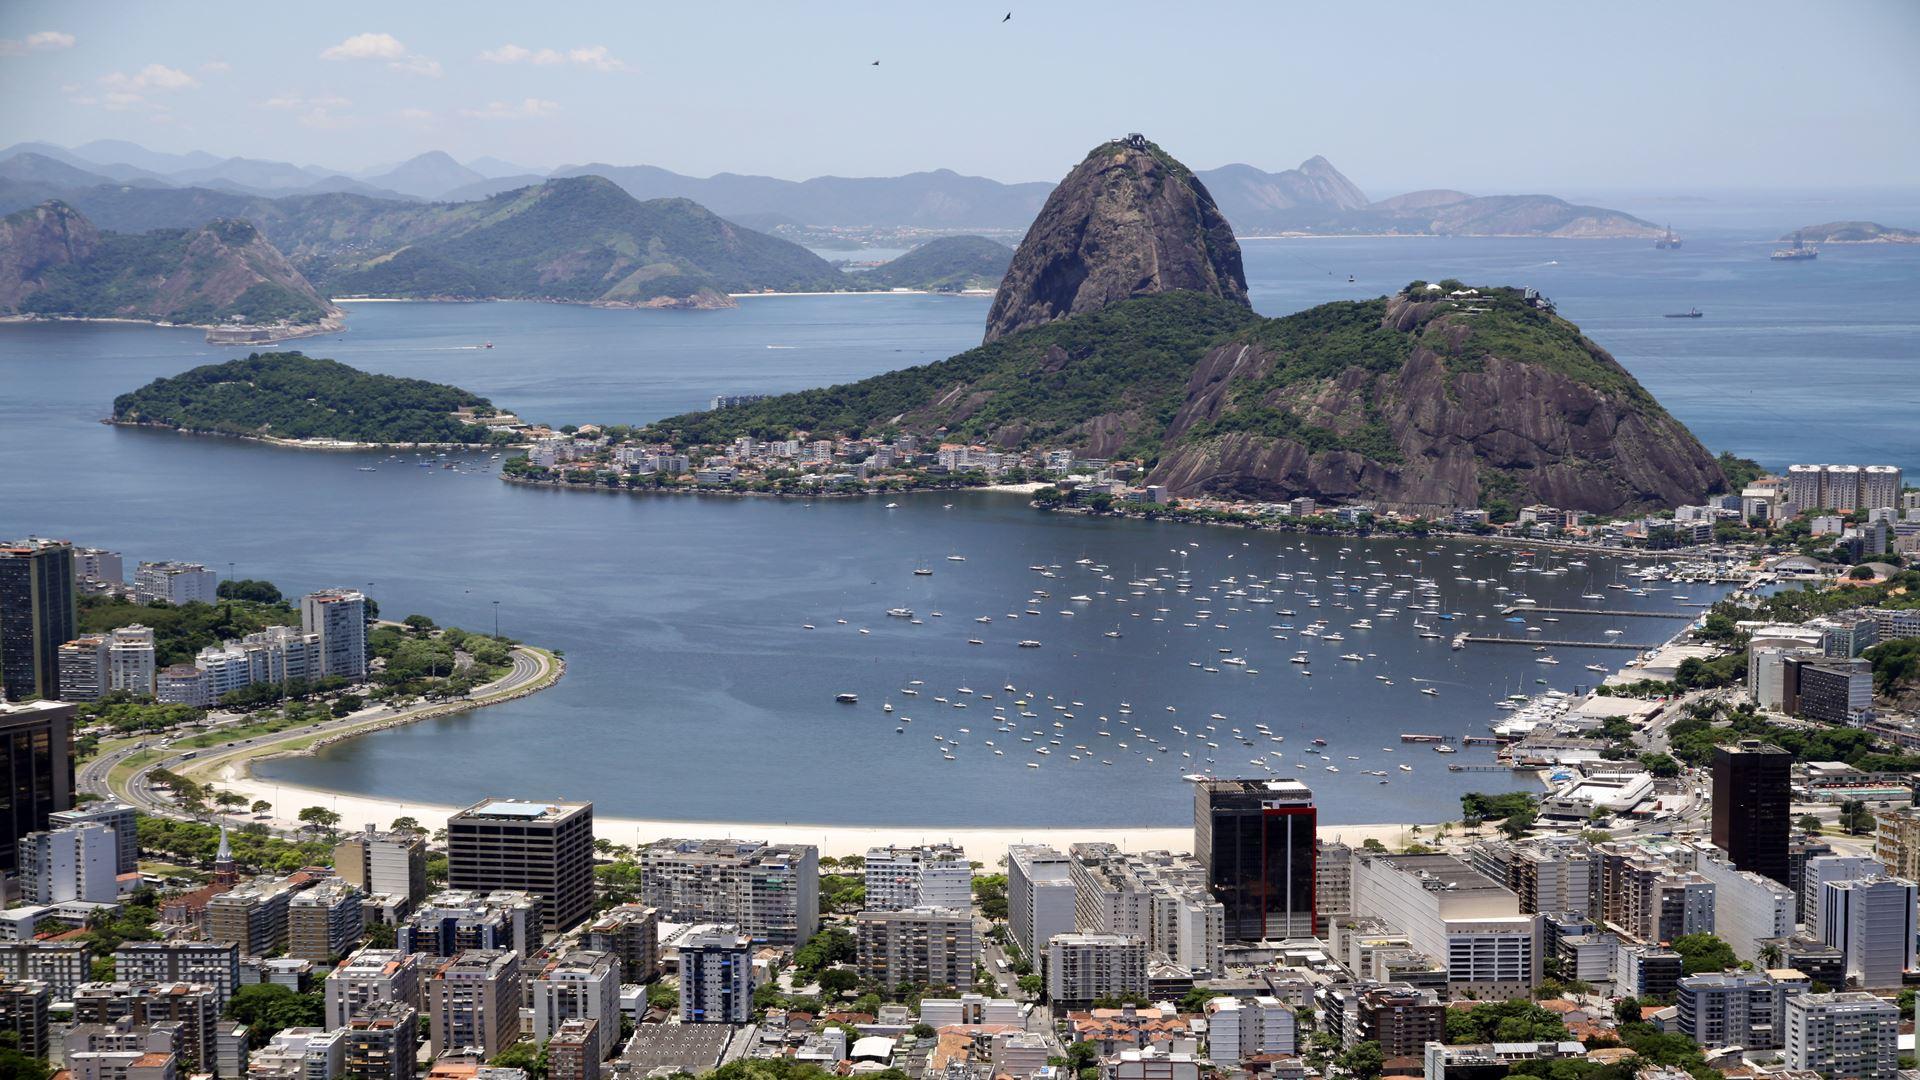 Rio De Janeiro, Foz Do Iguaçu, Salvador Y Manaus